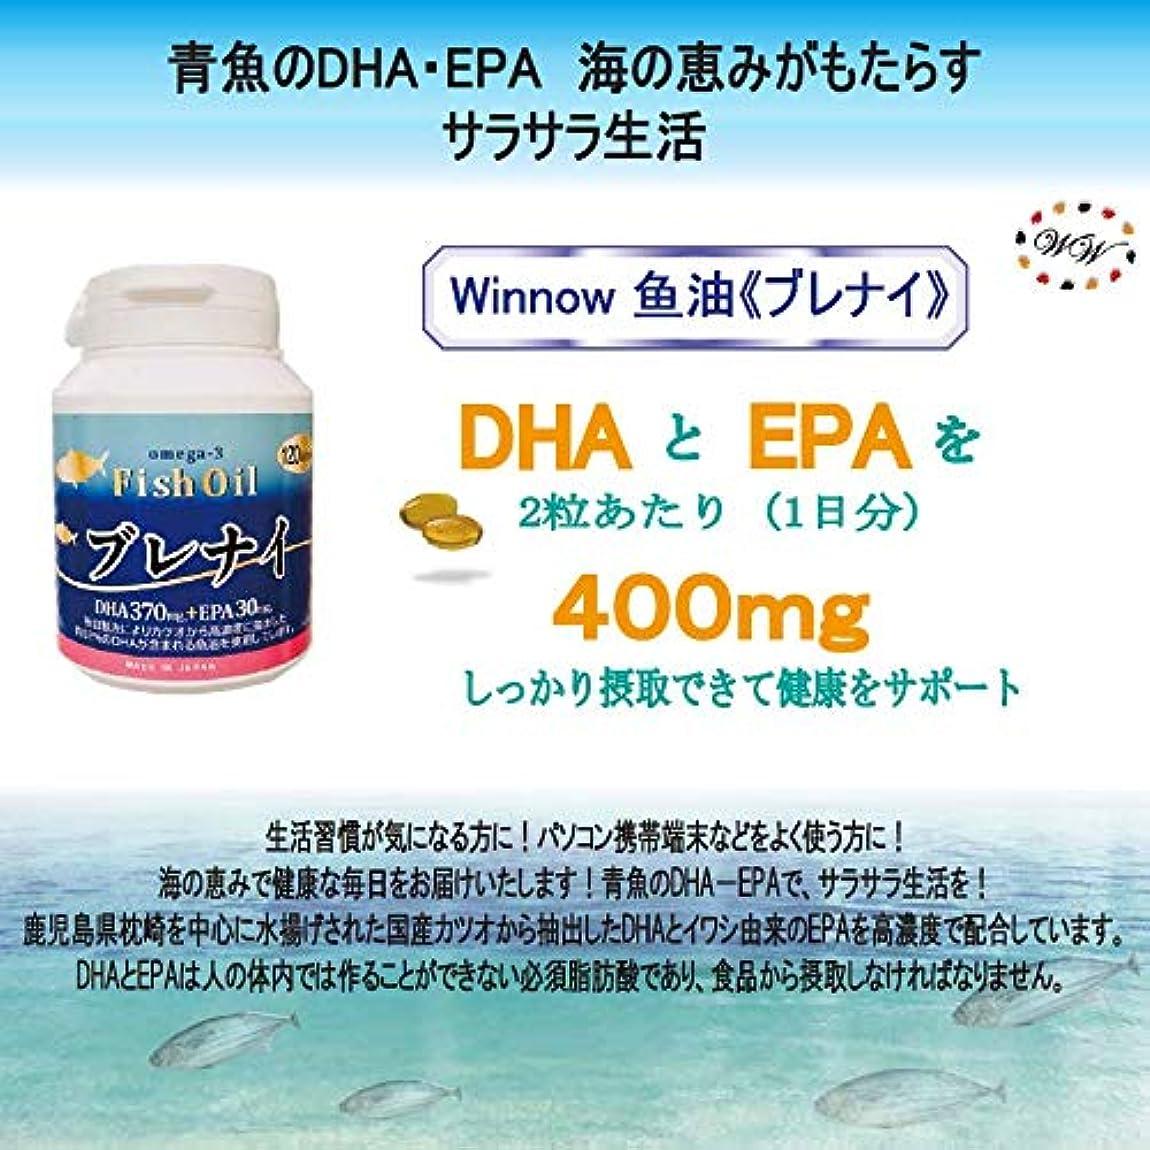 アドバイスファントム痴漢Winnow魚油<ブレナイ> オメガ3脂肪酸 Omega3 Fish oil 日本産高濃度DHA、EPA / 120粒入り